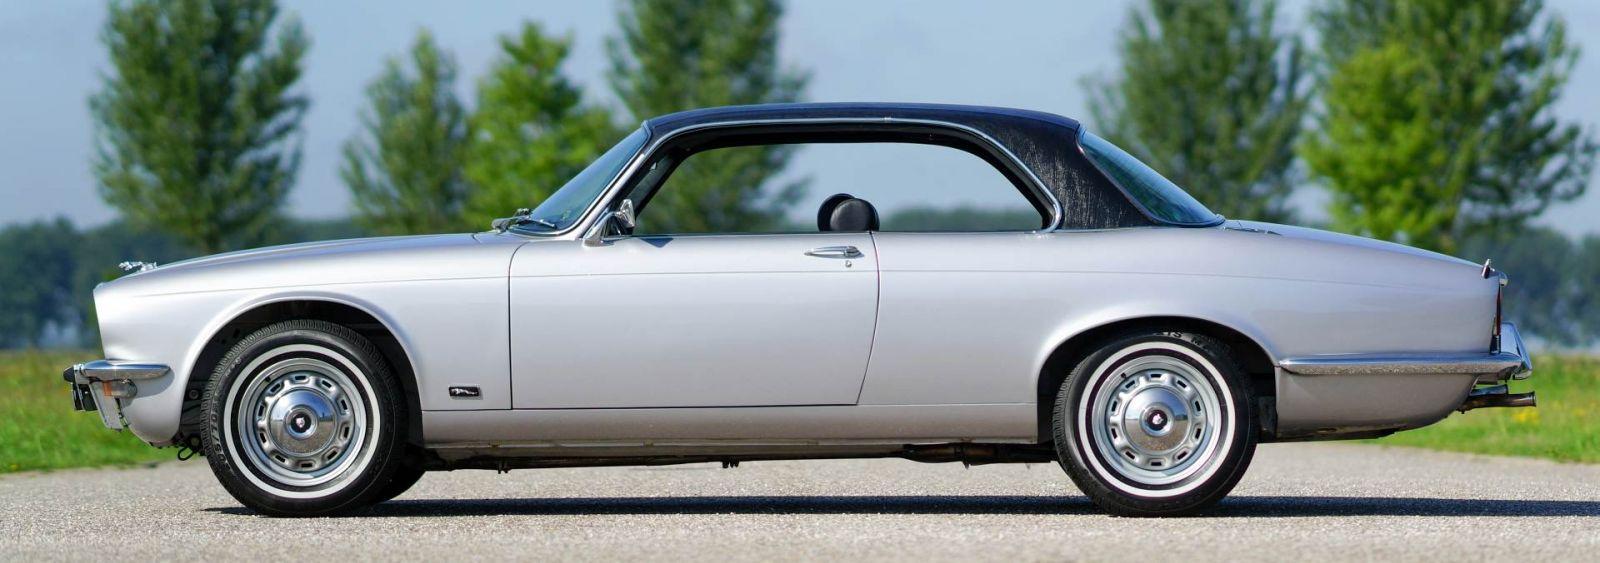 Jaguar XJ6 Coupe, 1976